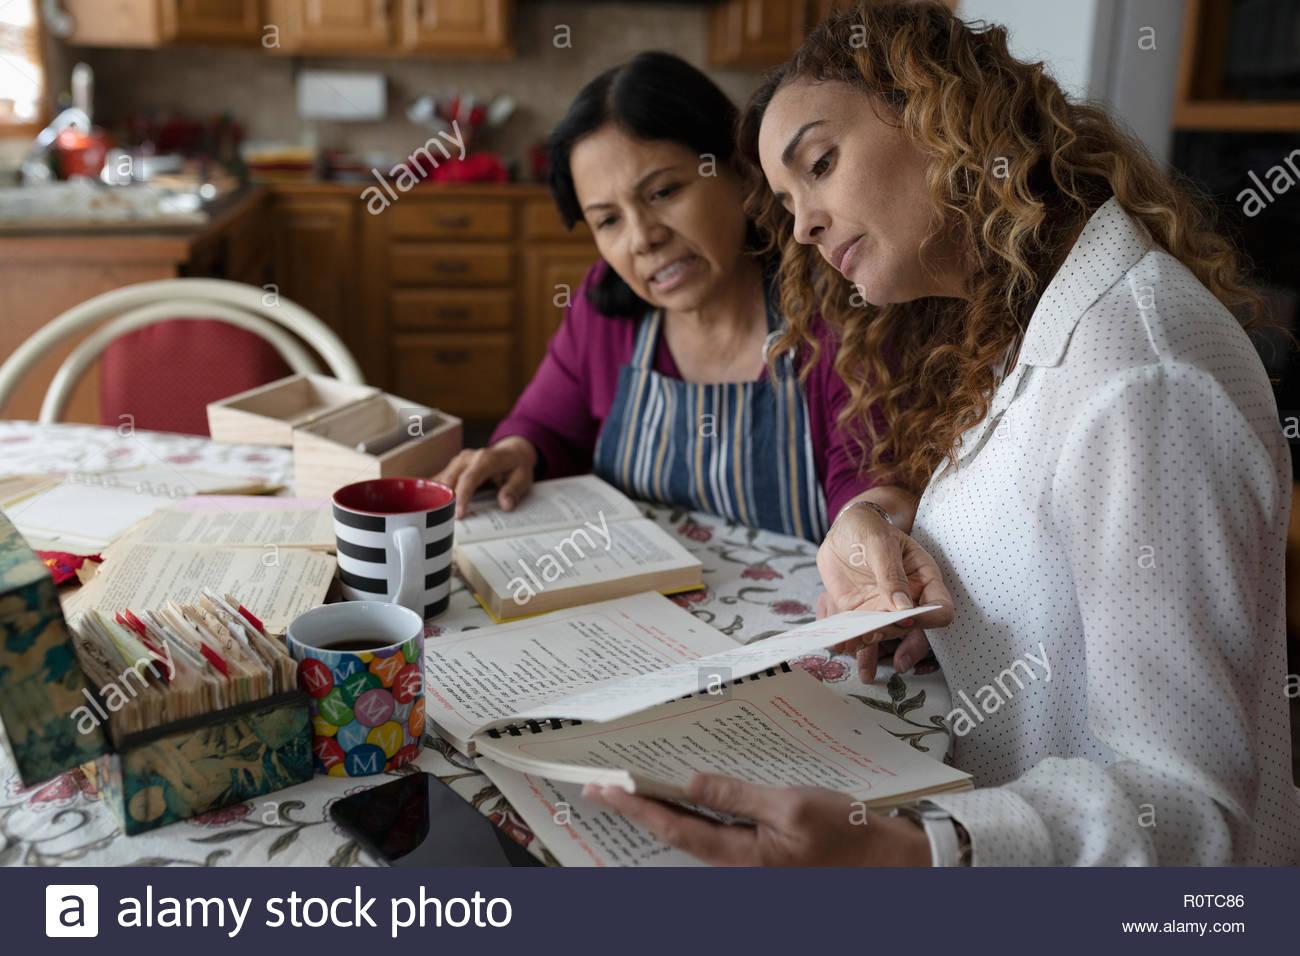 Fille Latinx et senior à la mère au livre de recettes dans Cuisine Photo Stock